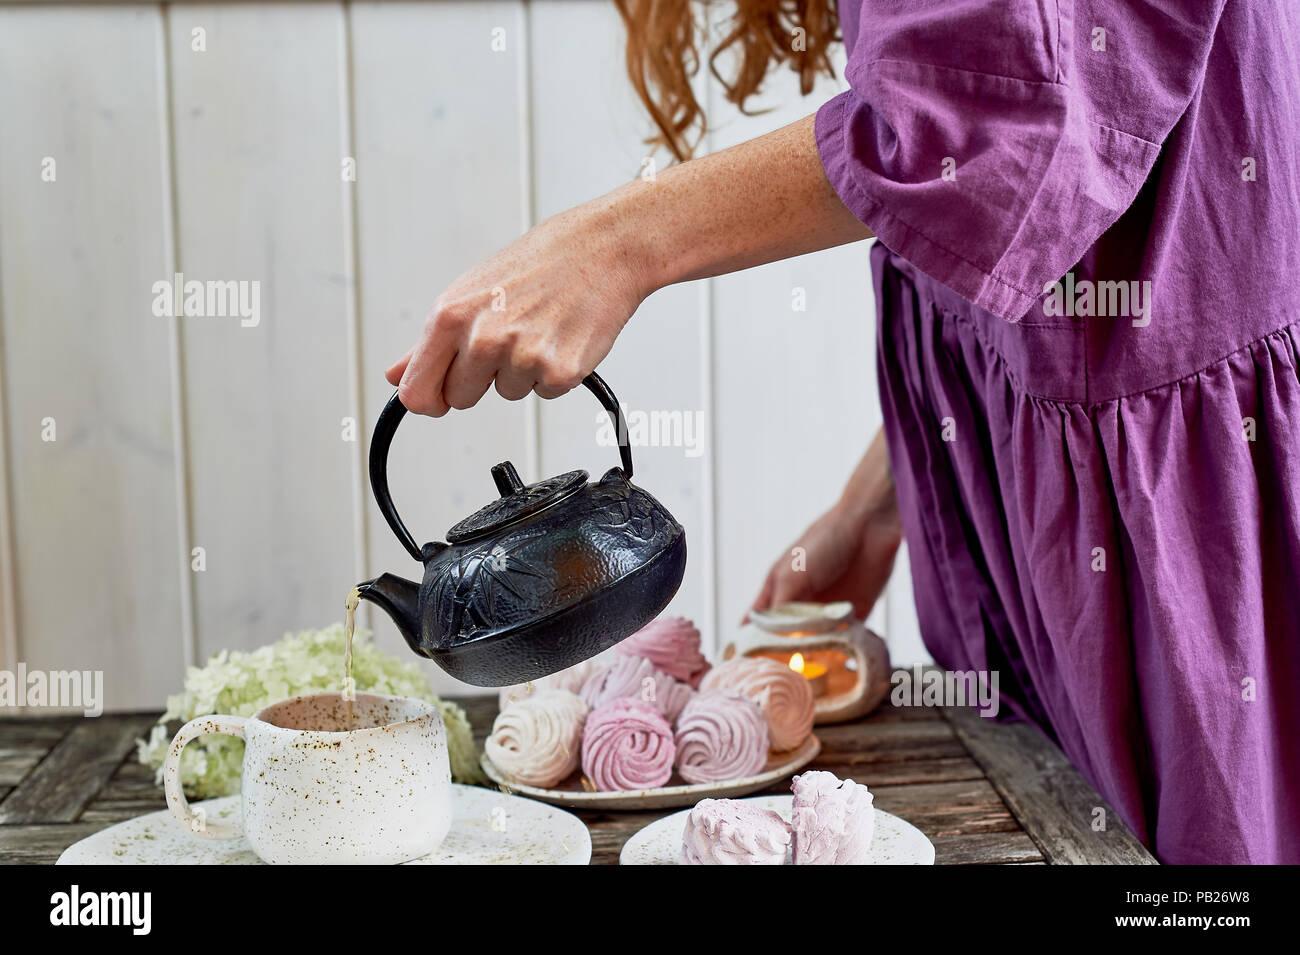 Das rothaarige Mädchen in ein lila Kleid gießt Kaffee in eine Tasse, die Tabelle in die Luft gesetzt ist. Marshmallow. Stockbild